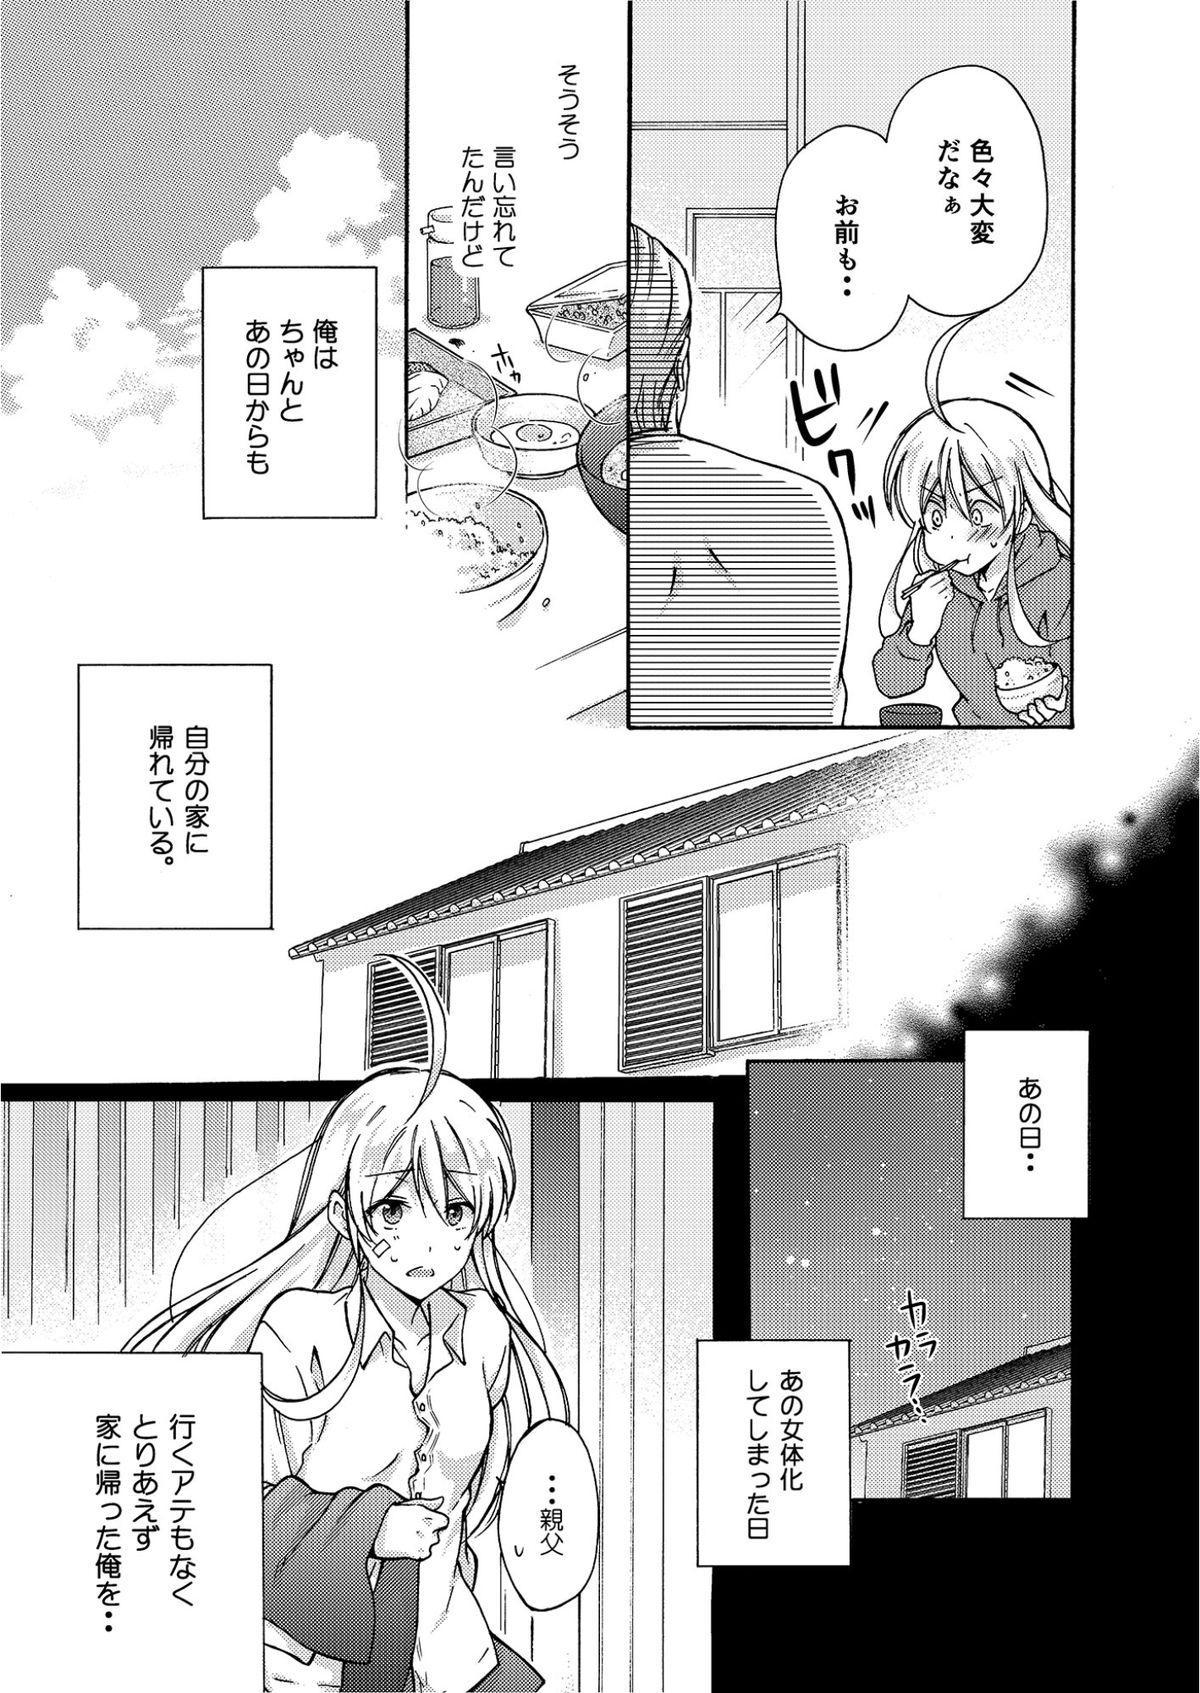 Nyotaika Yankee Gakuen ☆ Ore no Hajimete, Nerawaretemasu. 4 3